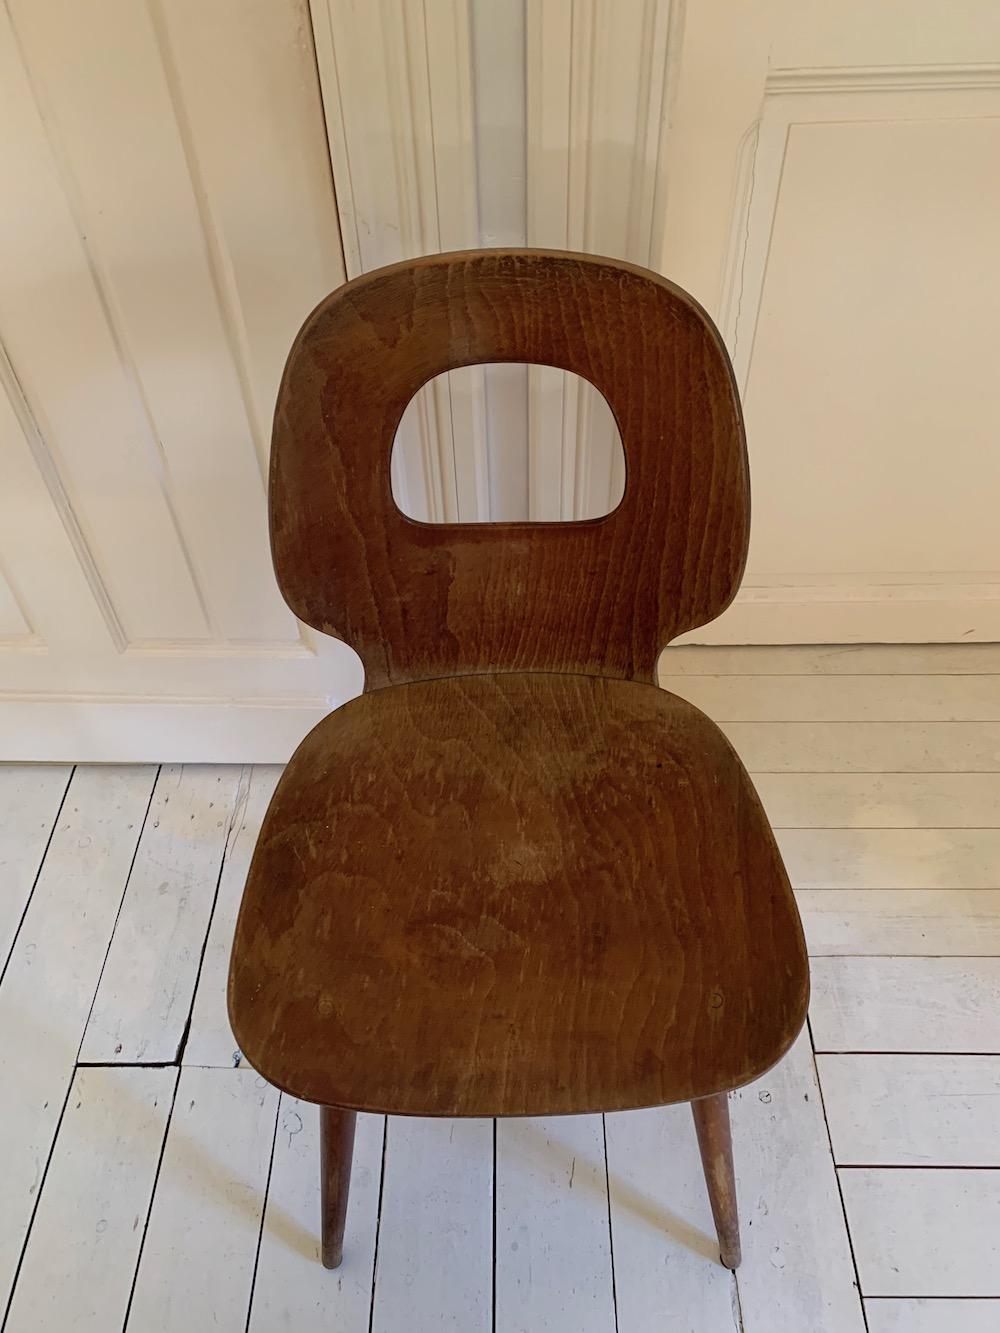 Baumann, Baumann chairs, chaises Baumann, dining chairs, chaises vintage, vintage chairs, wooden chairs, chaises bois, oeil de sorcière, chaises à diner, chaises design, design chairs, midmod, midcentury modern, mobilier vintage, mobilier design